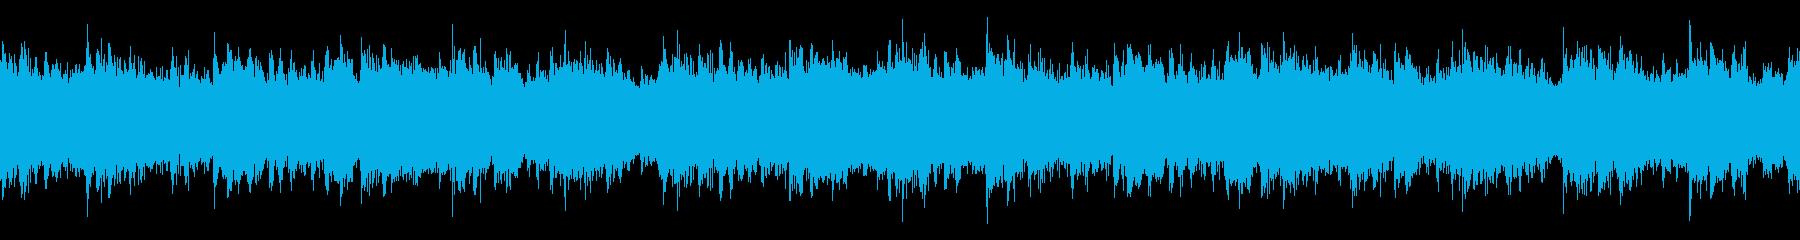 壮大な雰囲気の楽曲(Loop-02)の再生済みの波形